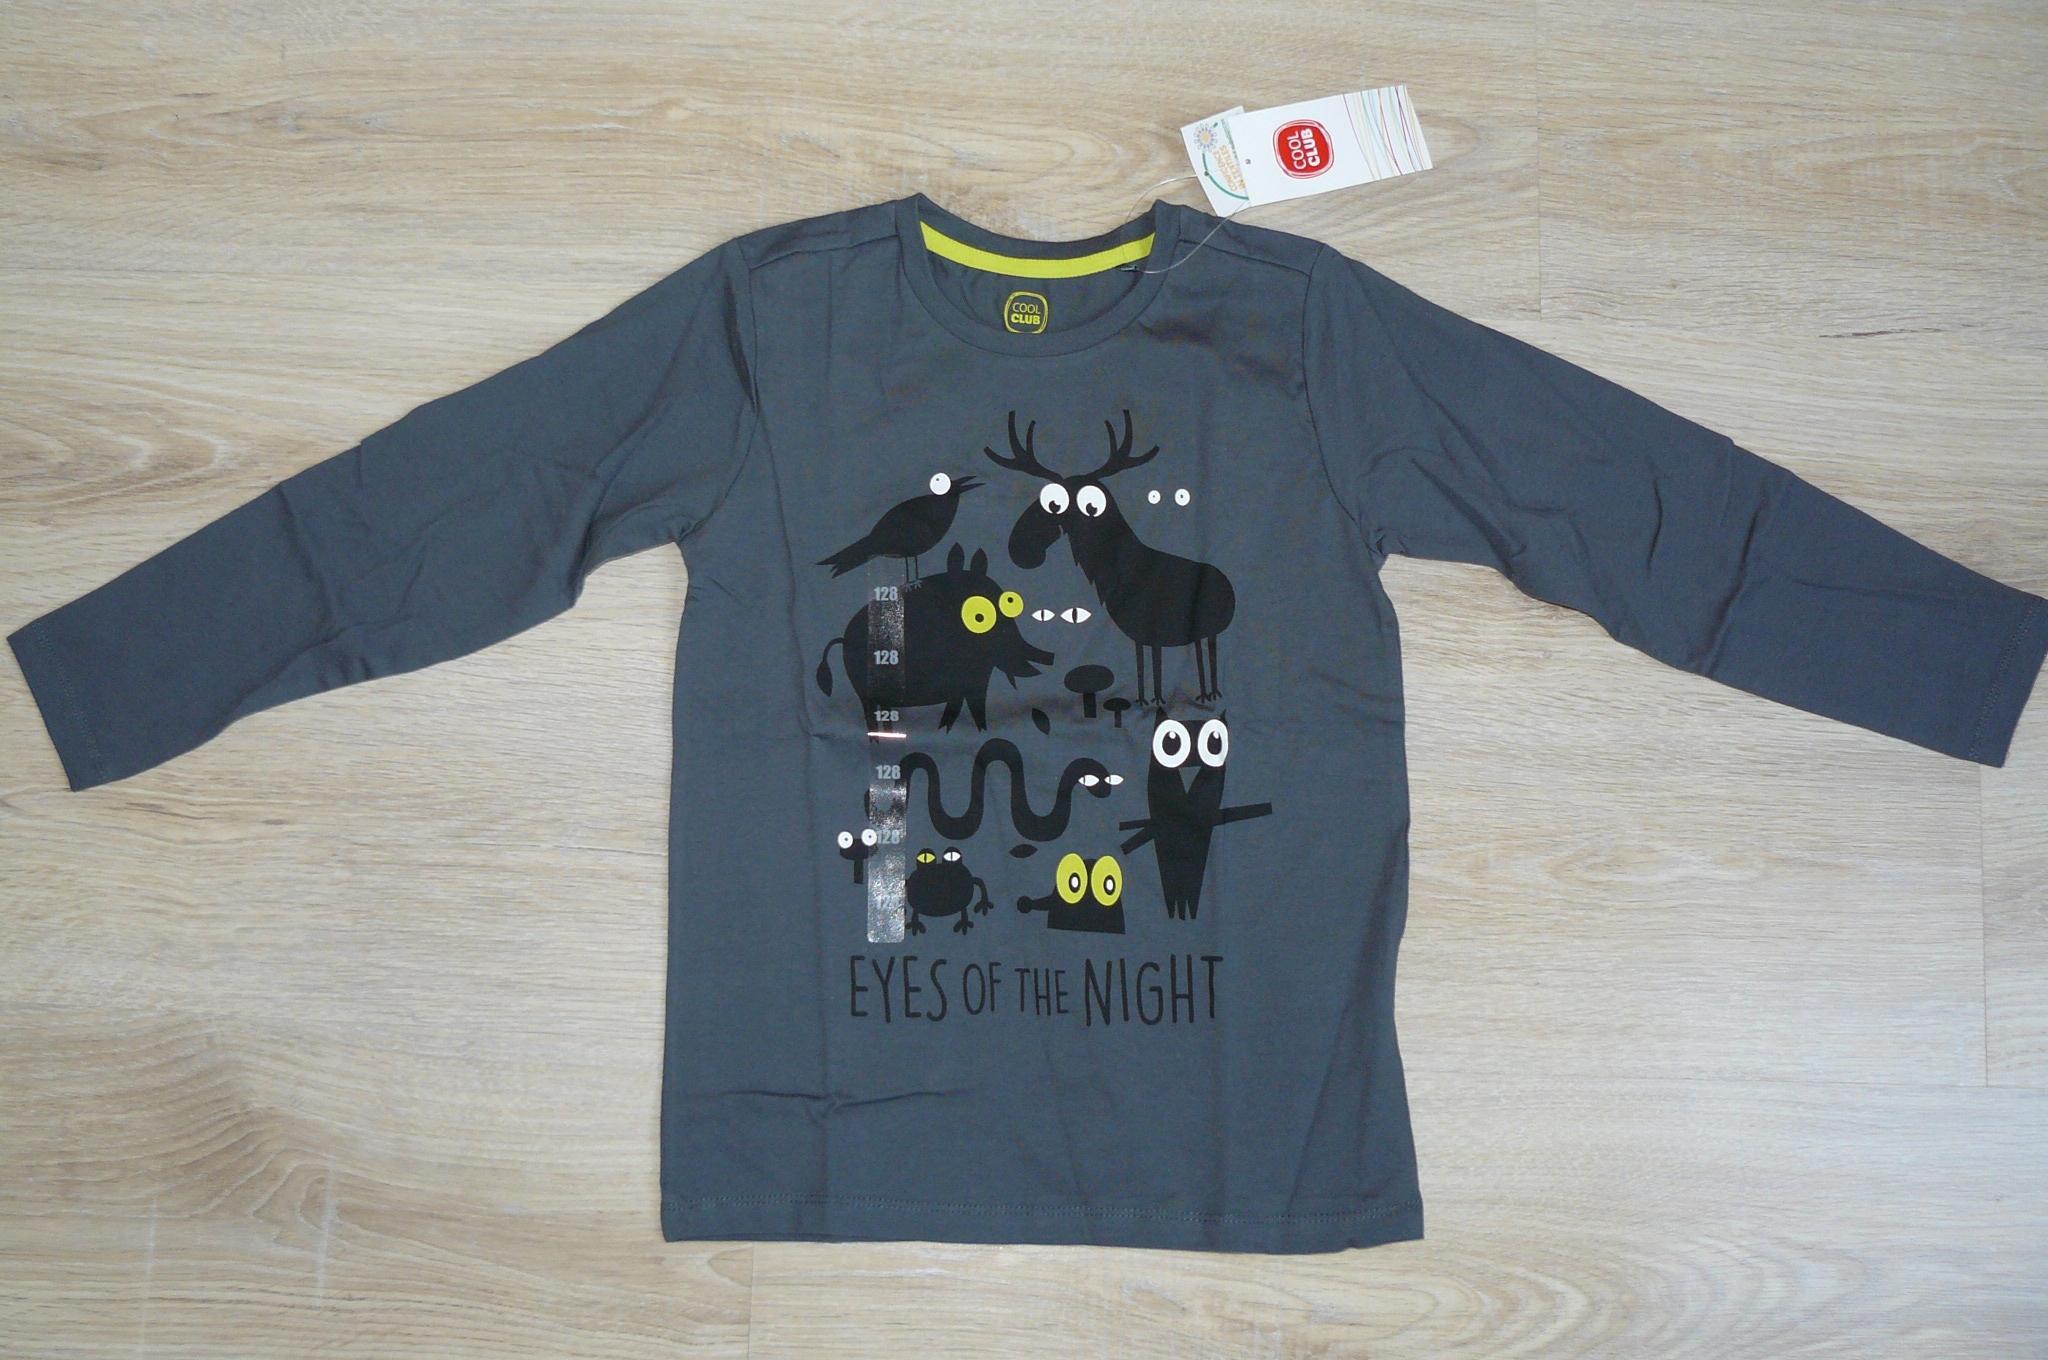 Bluzka długi rękaw t-shirt Cool Club r. 128 nowa